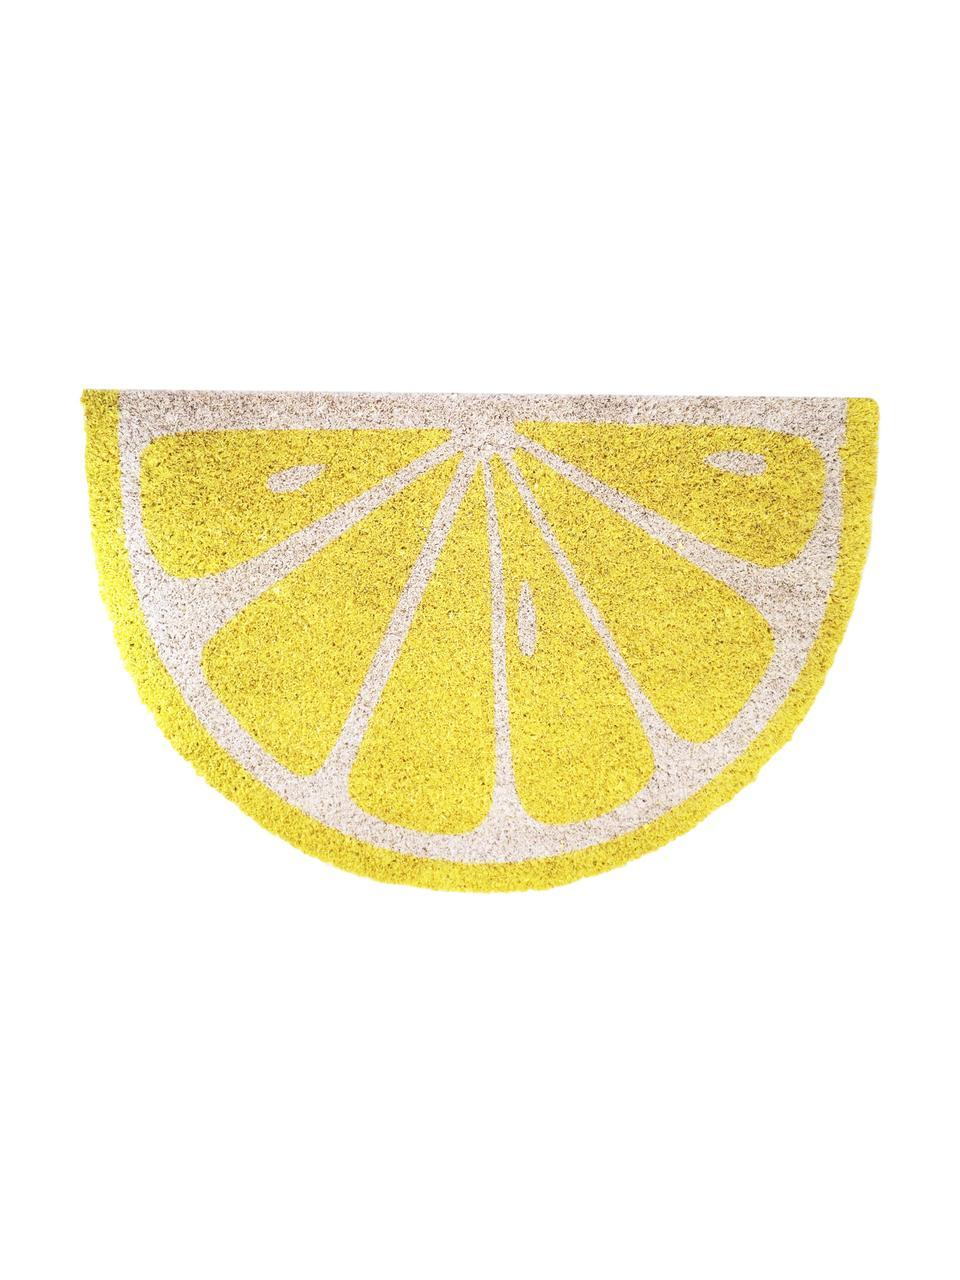 Fußmatte Lemon, Oberseite: Kokosfaser, Unterseite: PVC, Gelb, gebrochenes Weiß, 40 x 60 cm